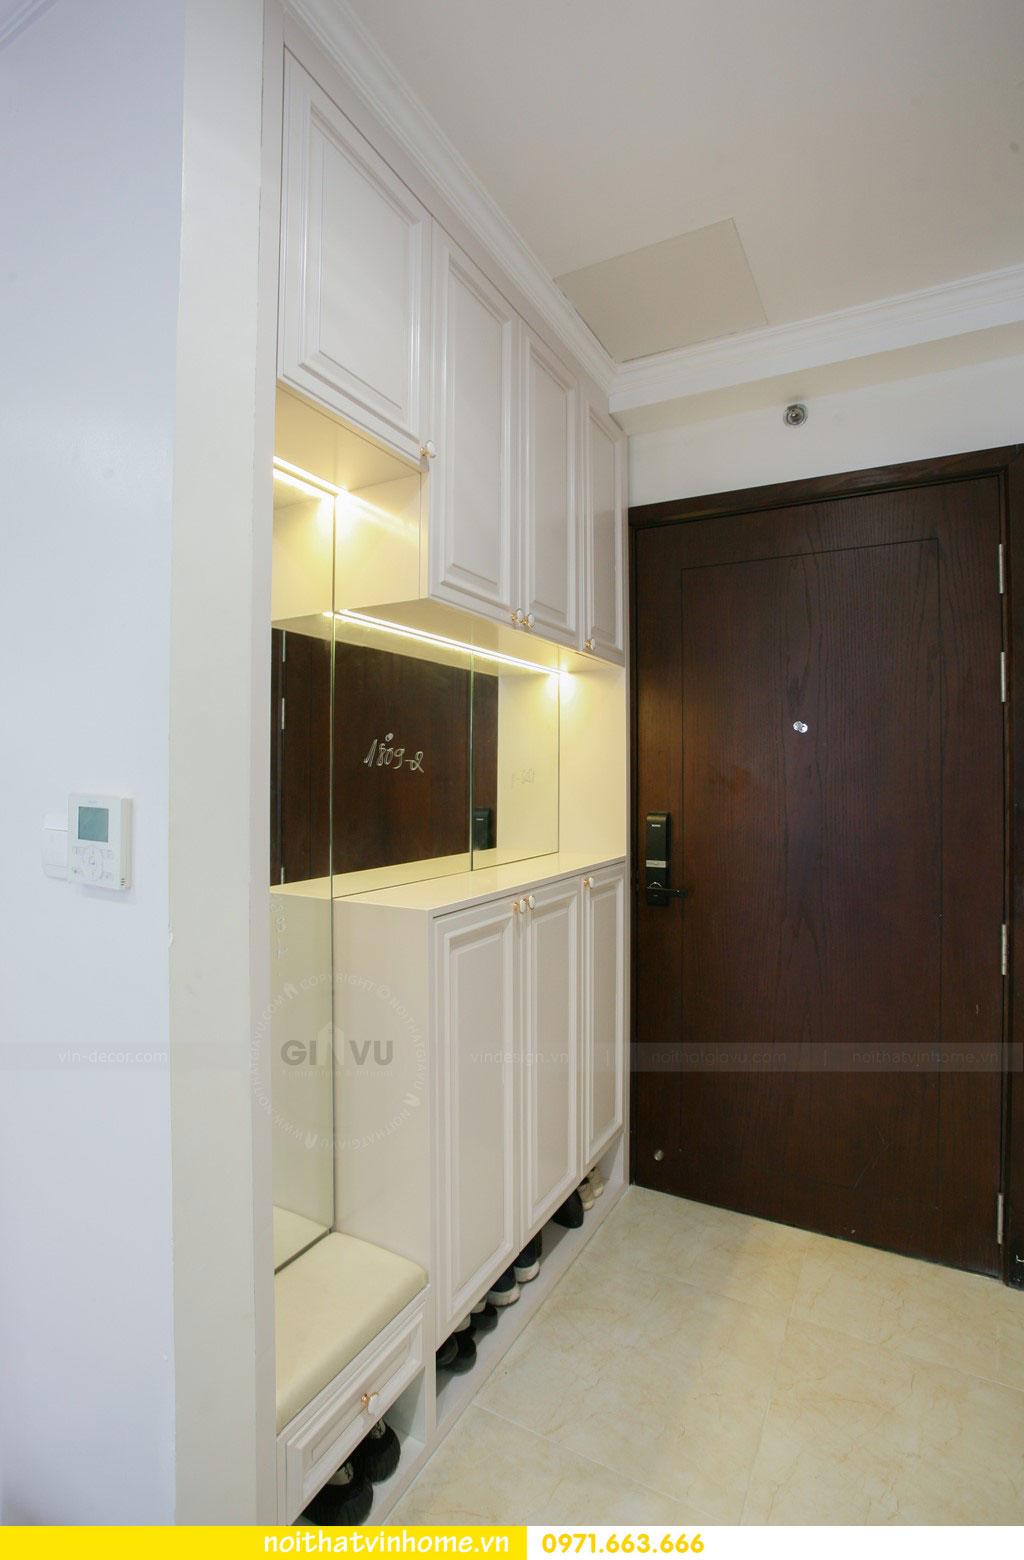 thi công nội thất căn hộ trọn gói tại chung cư DCapitale nhà anh Luân 1